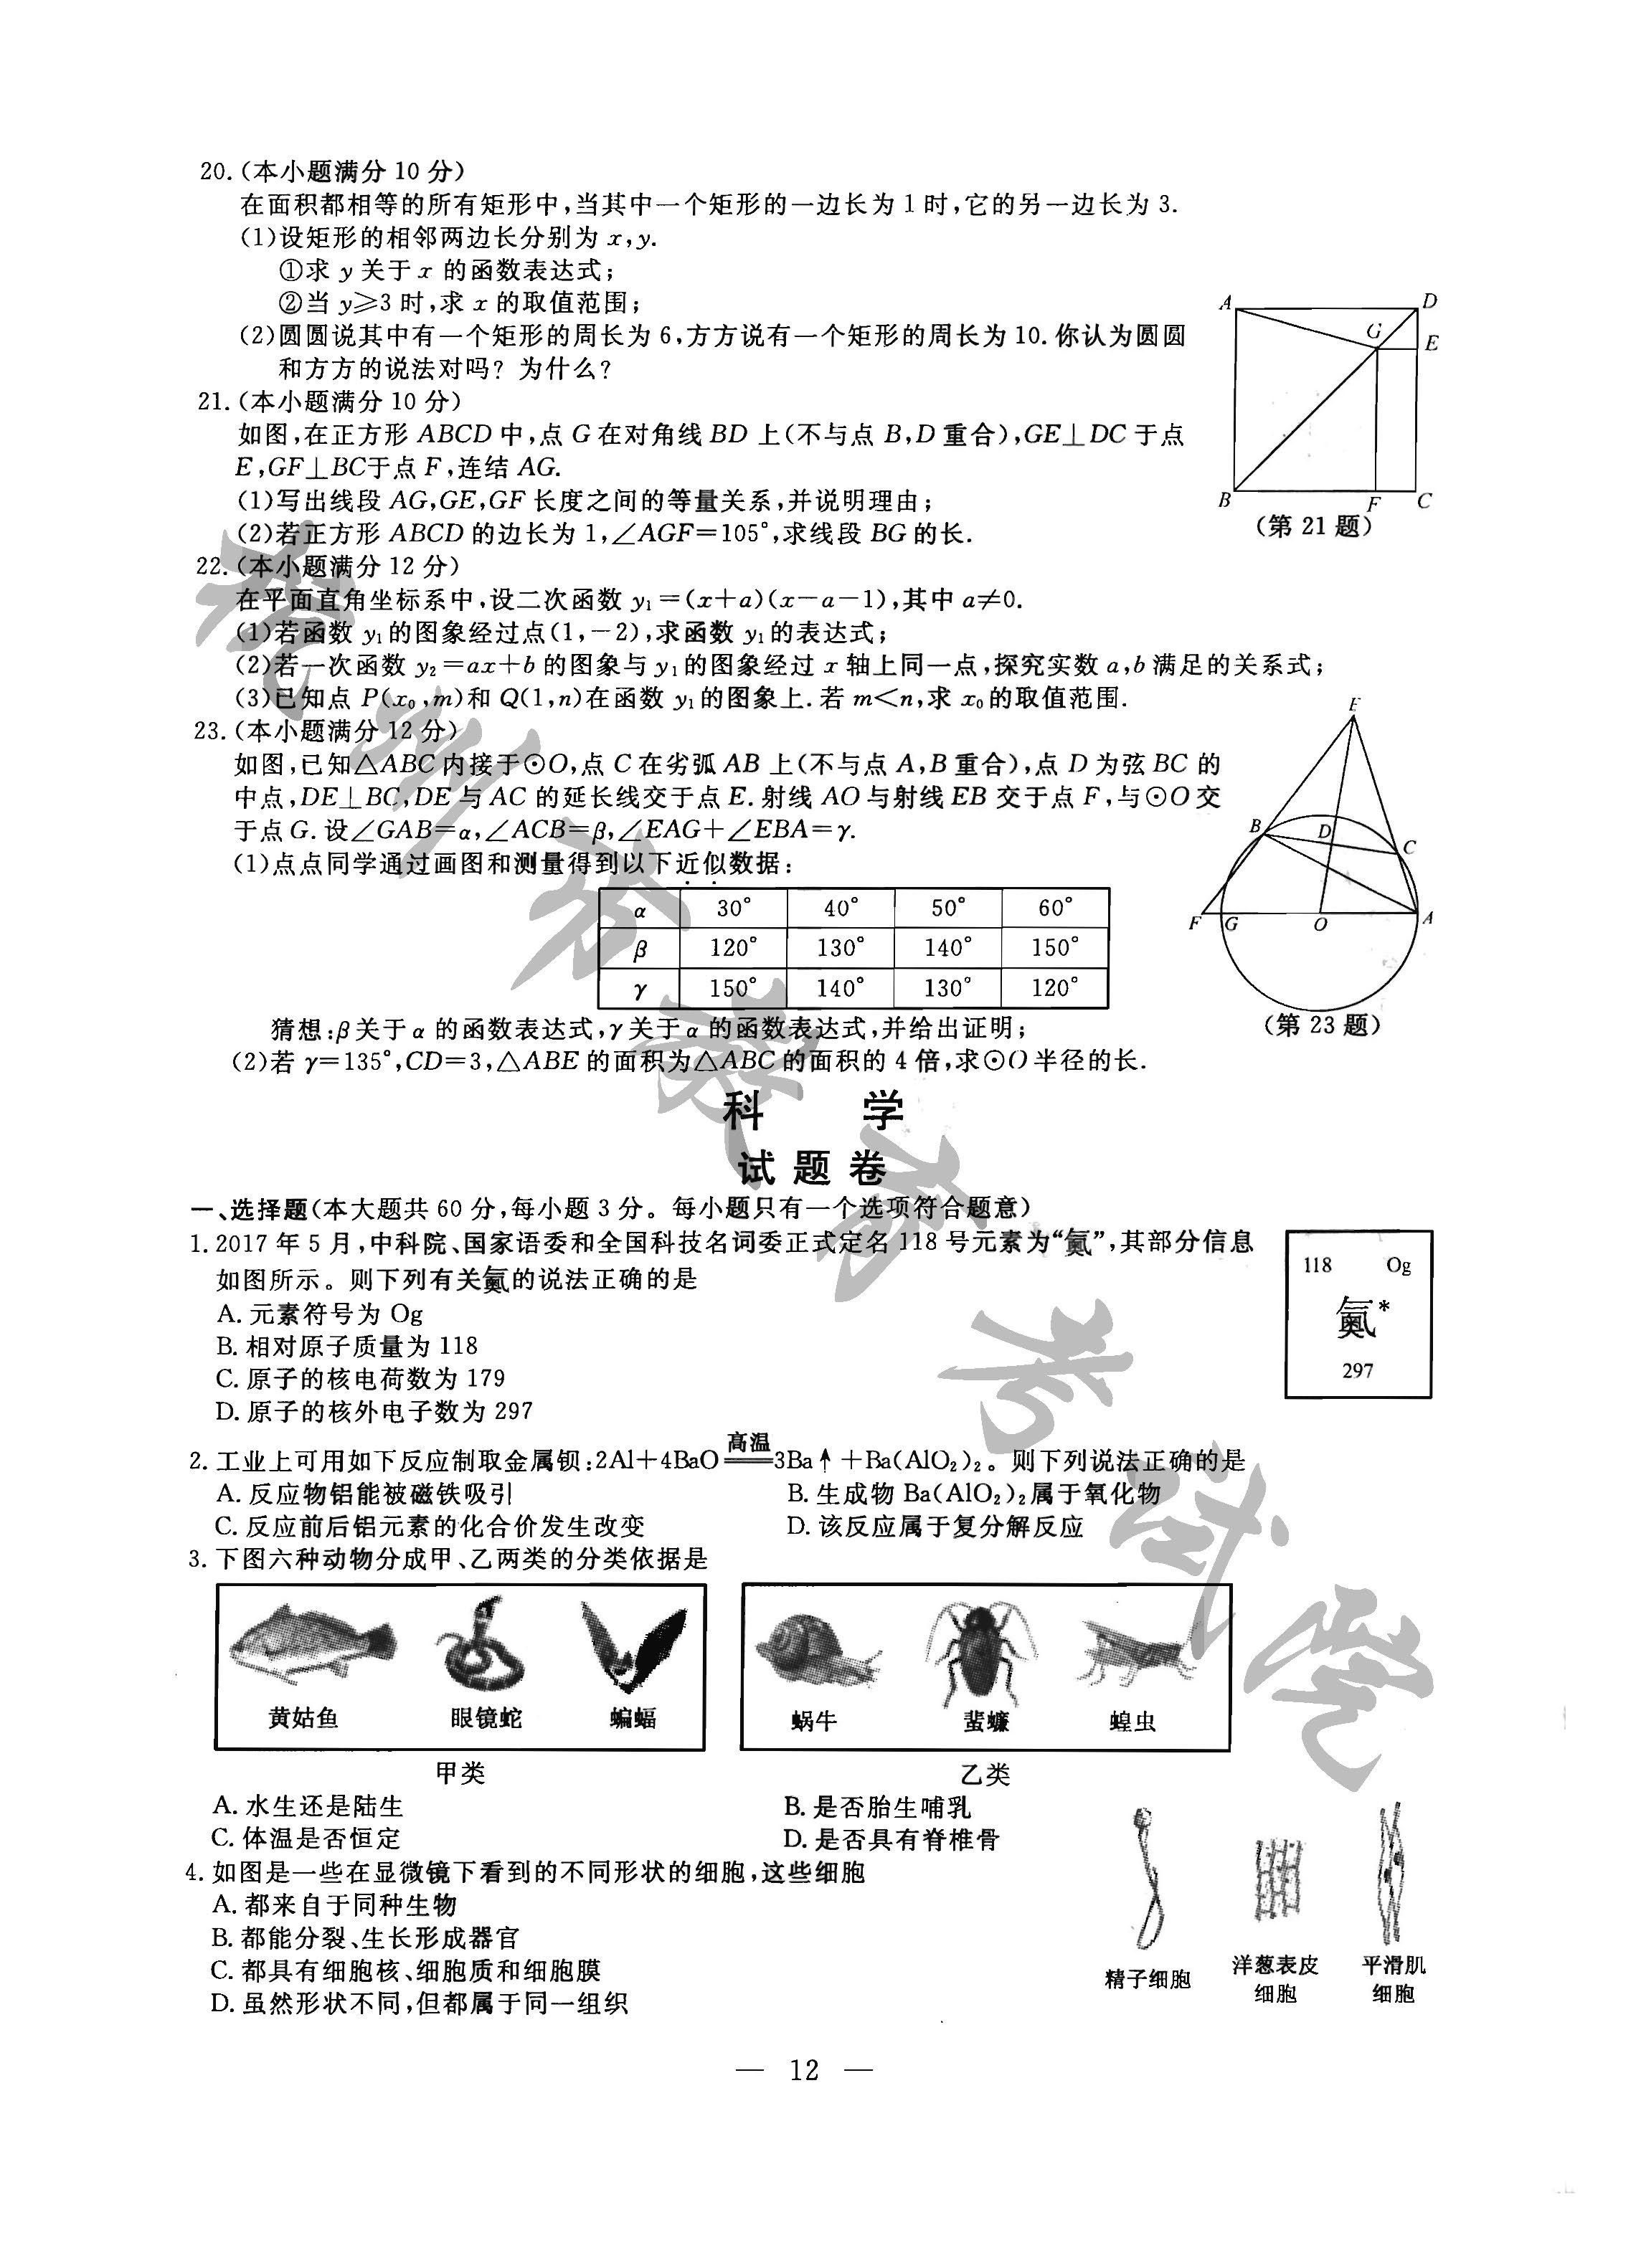 2017杭州中考物理试题及答案解析(图片版含答案)